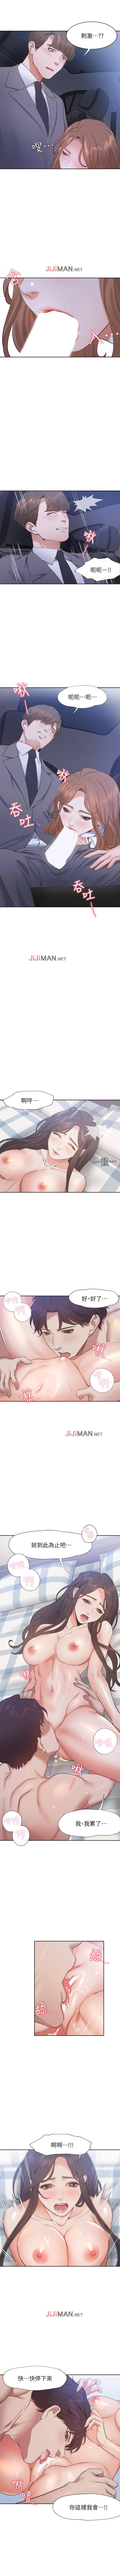 【周五连载】渴望:爱火难耐(作者:Appeal&格子17) 第1~24话 177